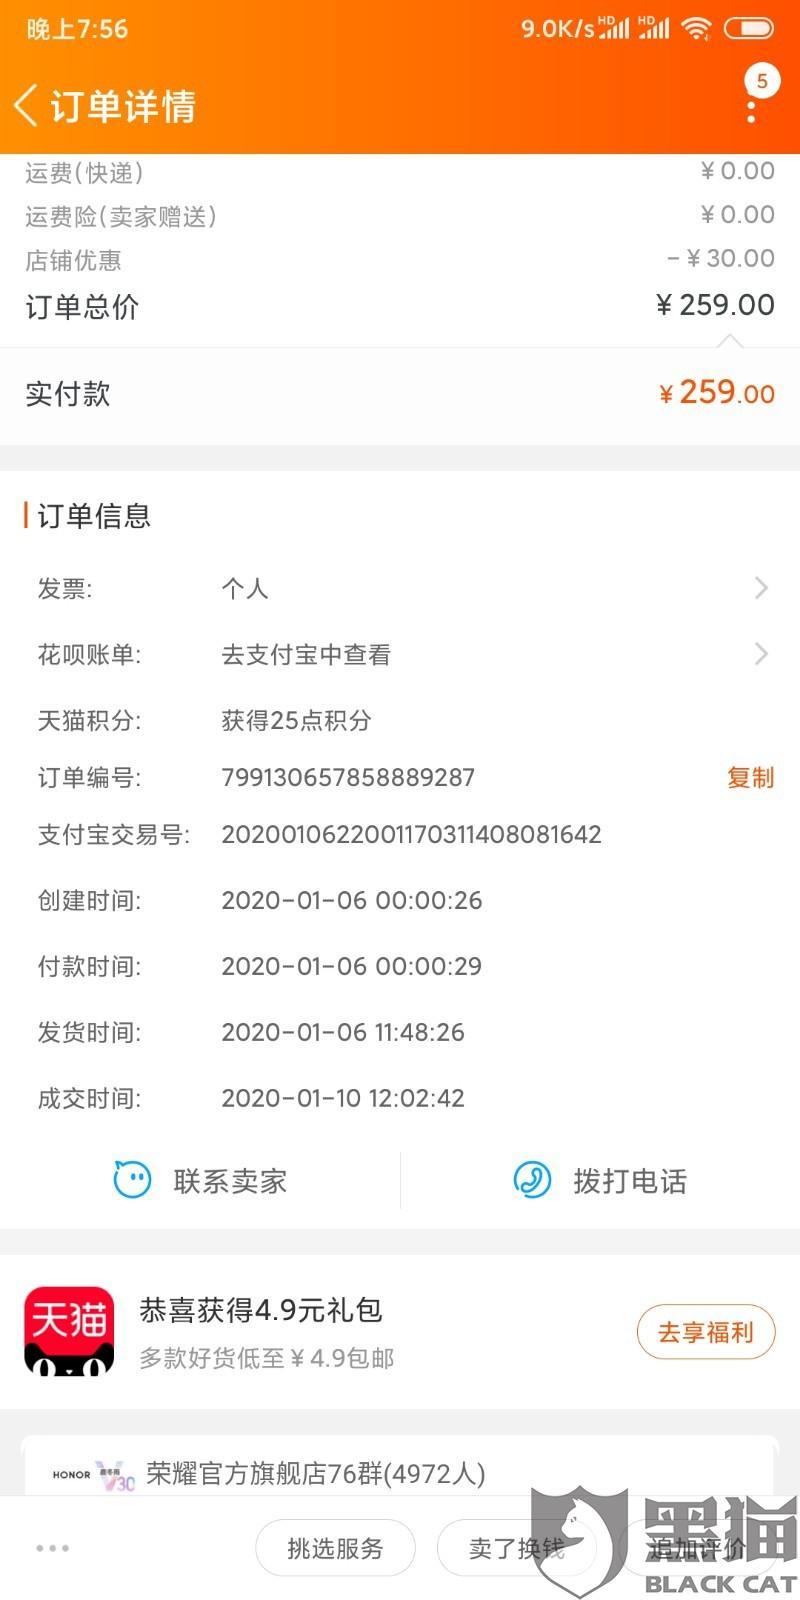 黑猫投诉:淘宝荣耀官方旗舰店拒发赠品